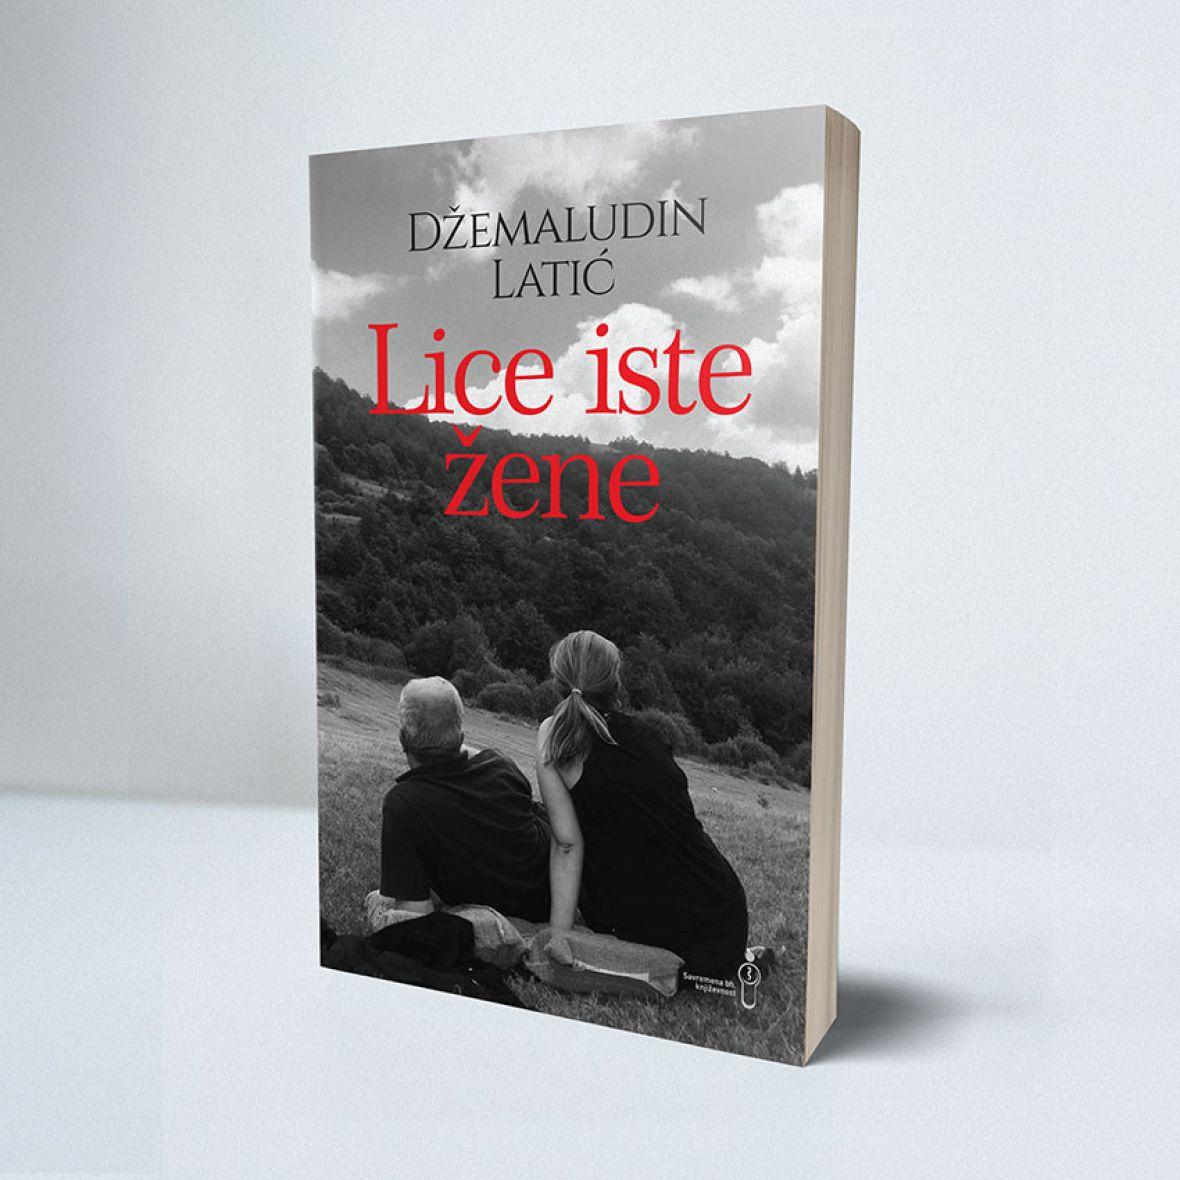 Nova knjiga Džemaludina Latića